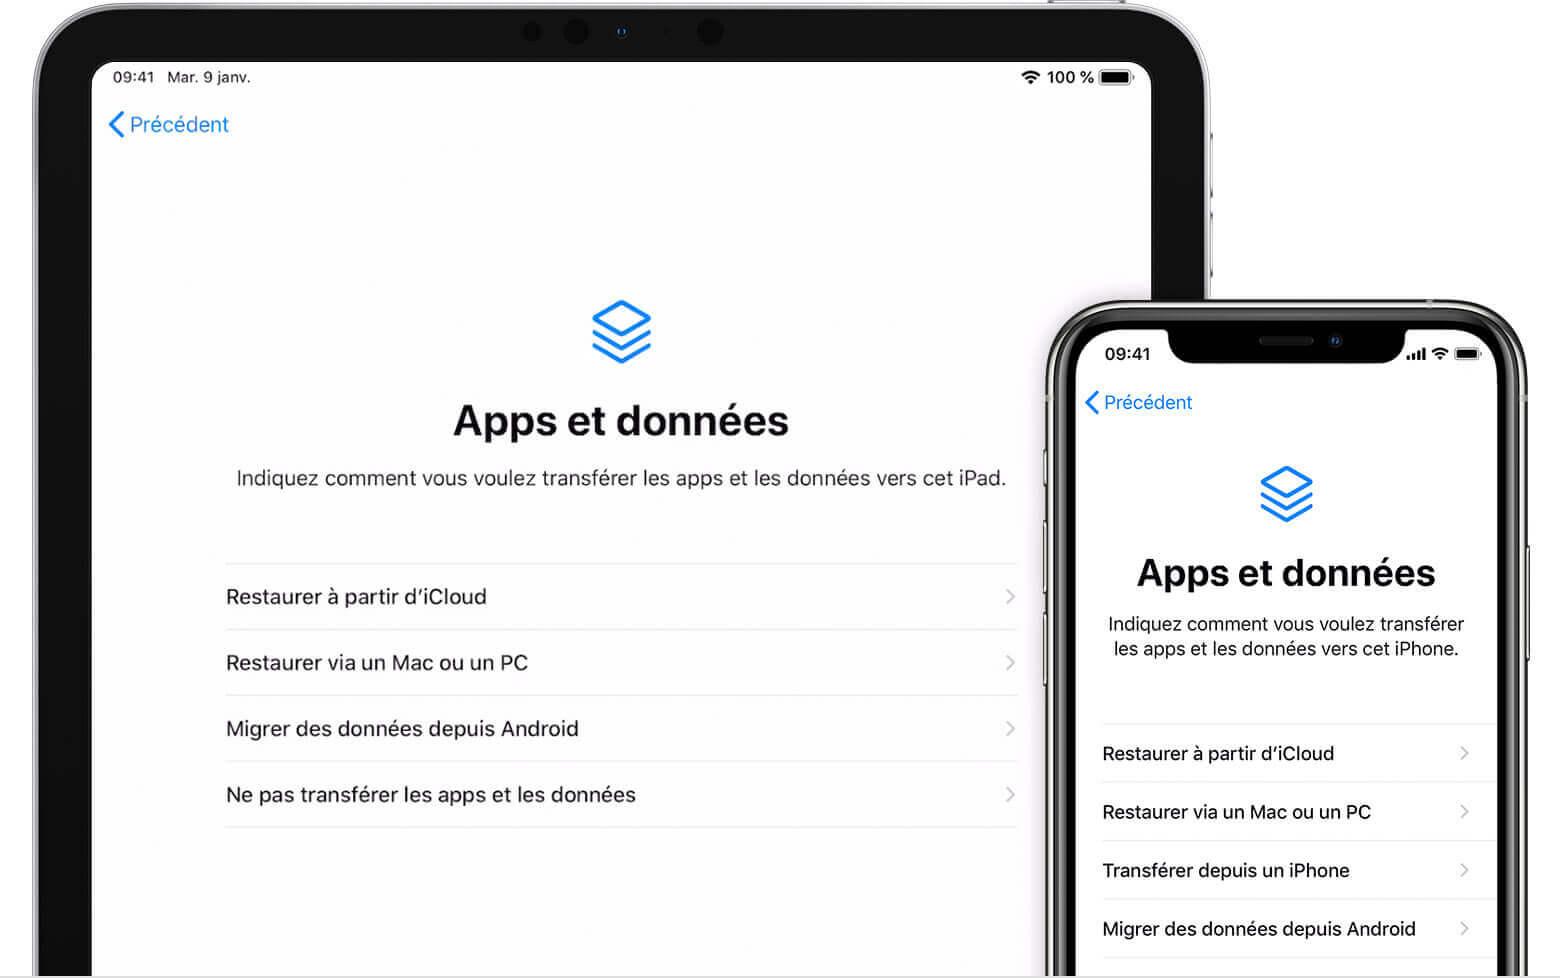 iOS Restaurer à partir d'iCloud